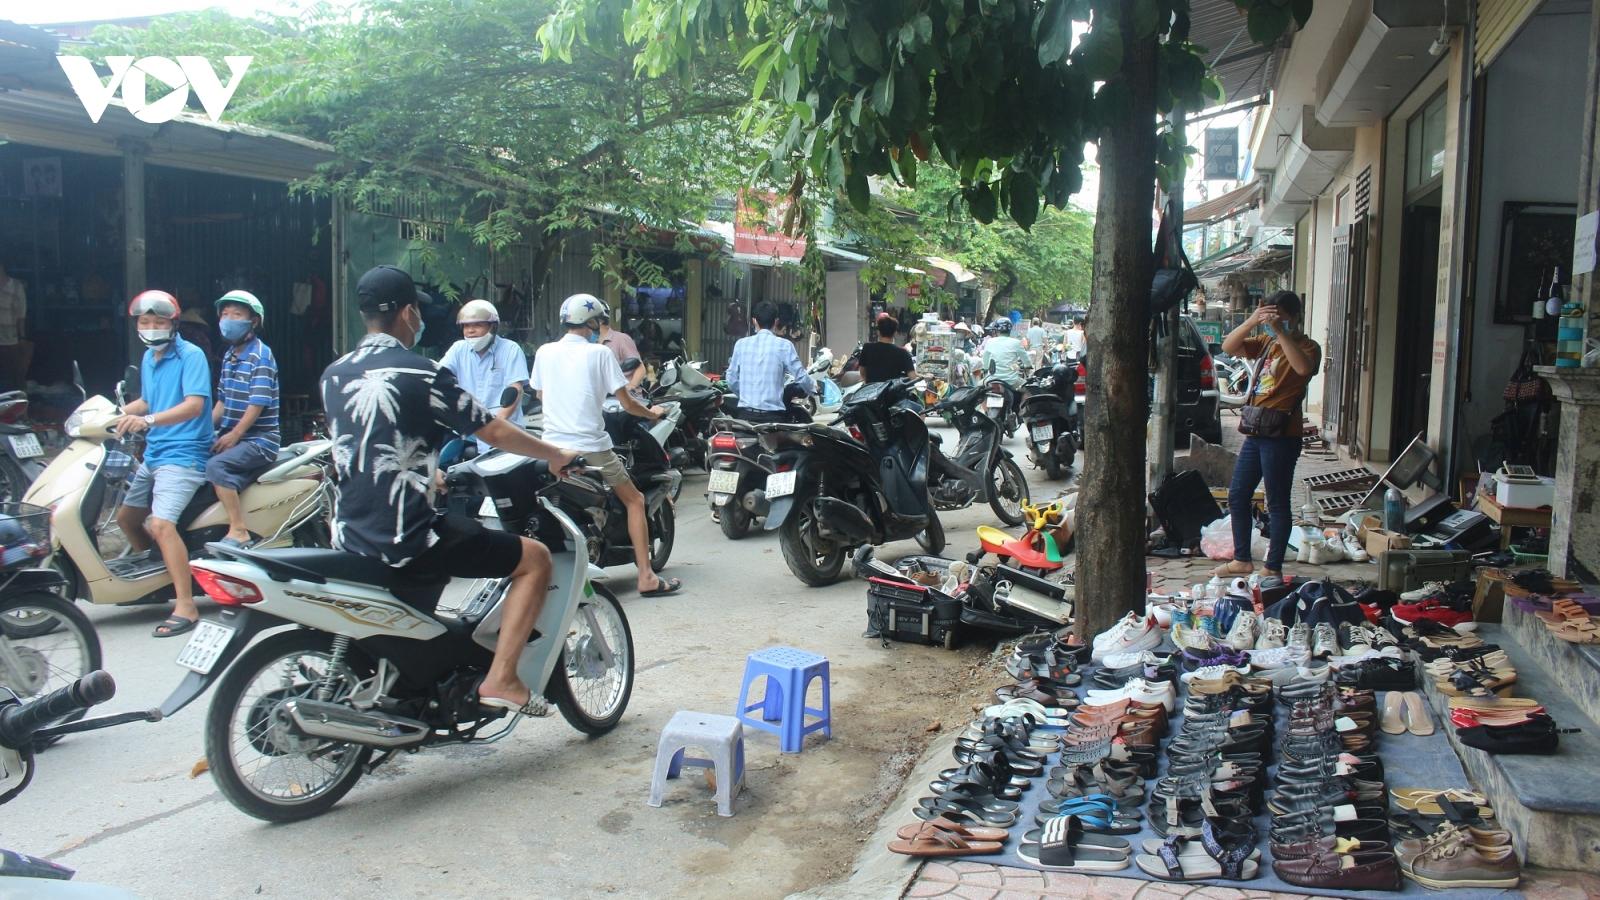 Lấn chiếm vỉa hè, lòng đường để kinh doanh ở chợ đồ cổ Vạn Phúc